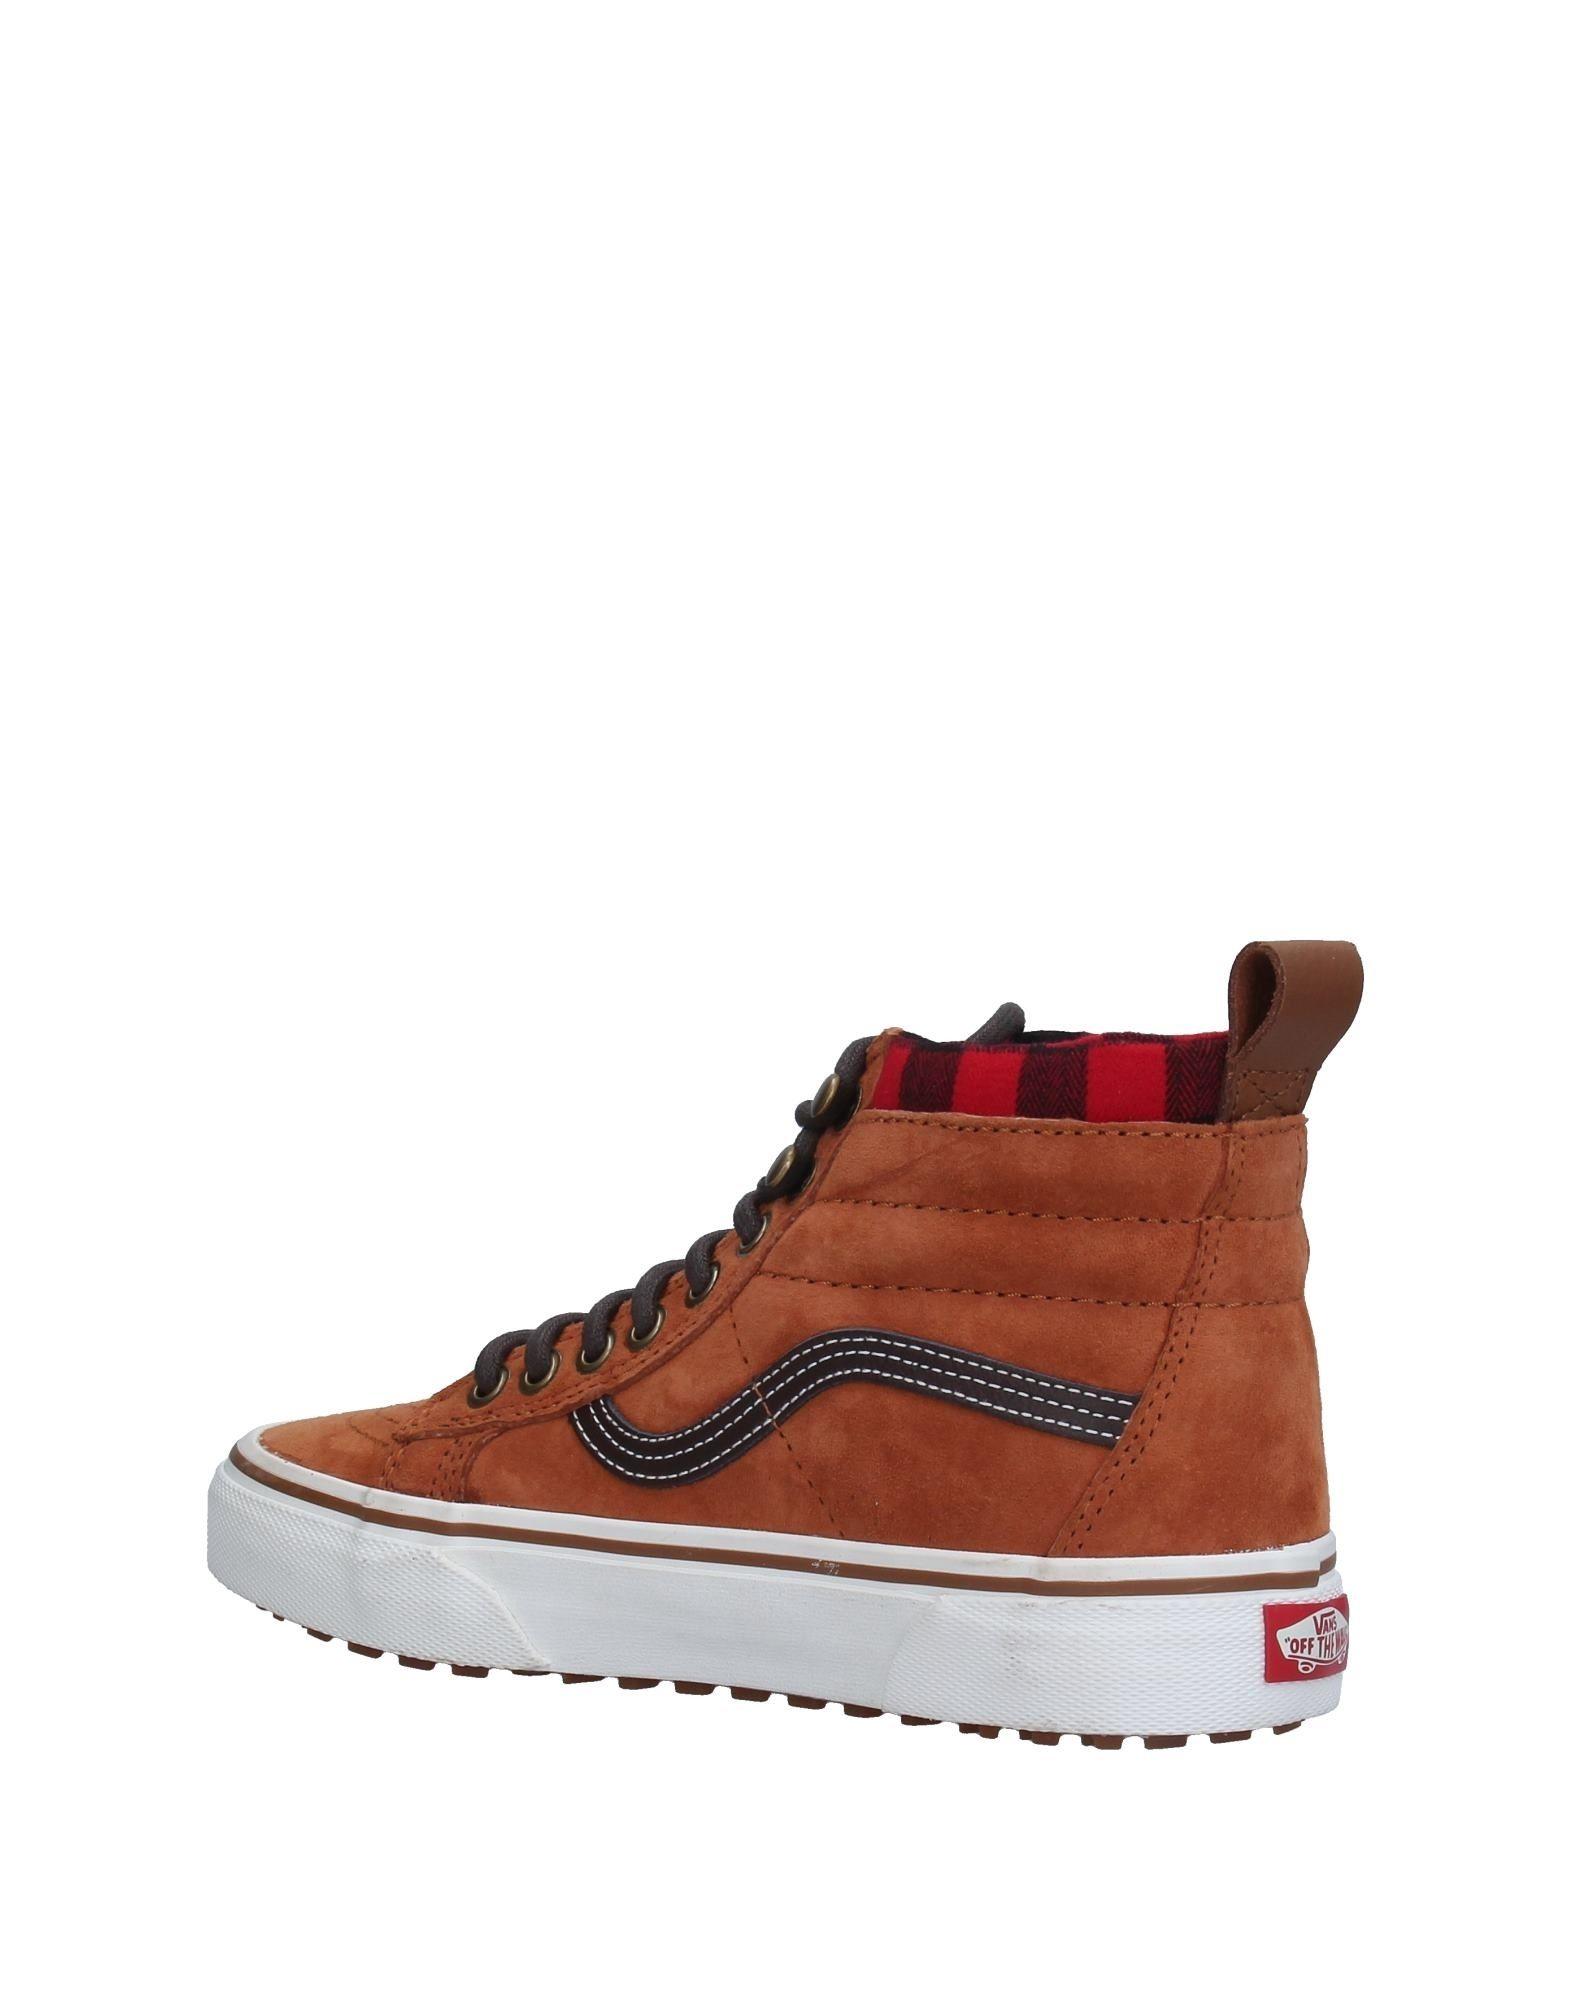 Vans Sneakers Damen   Damen 11280723SD Gute Qualität beliebte Schuhe 635197